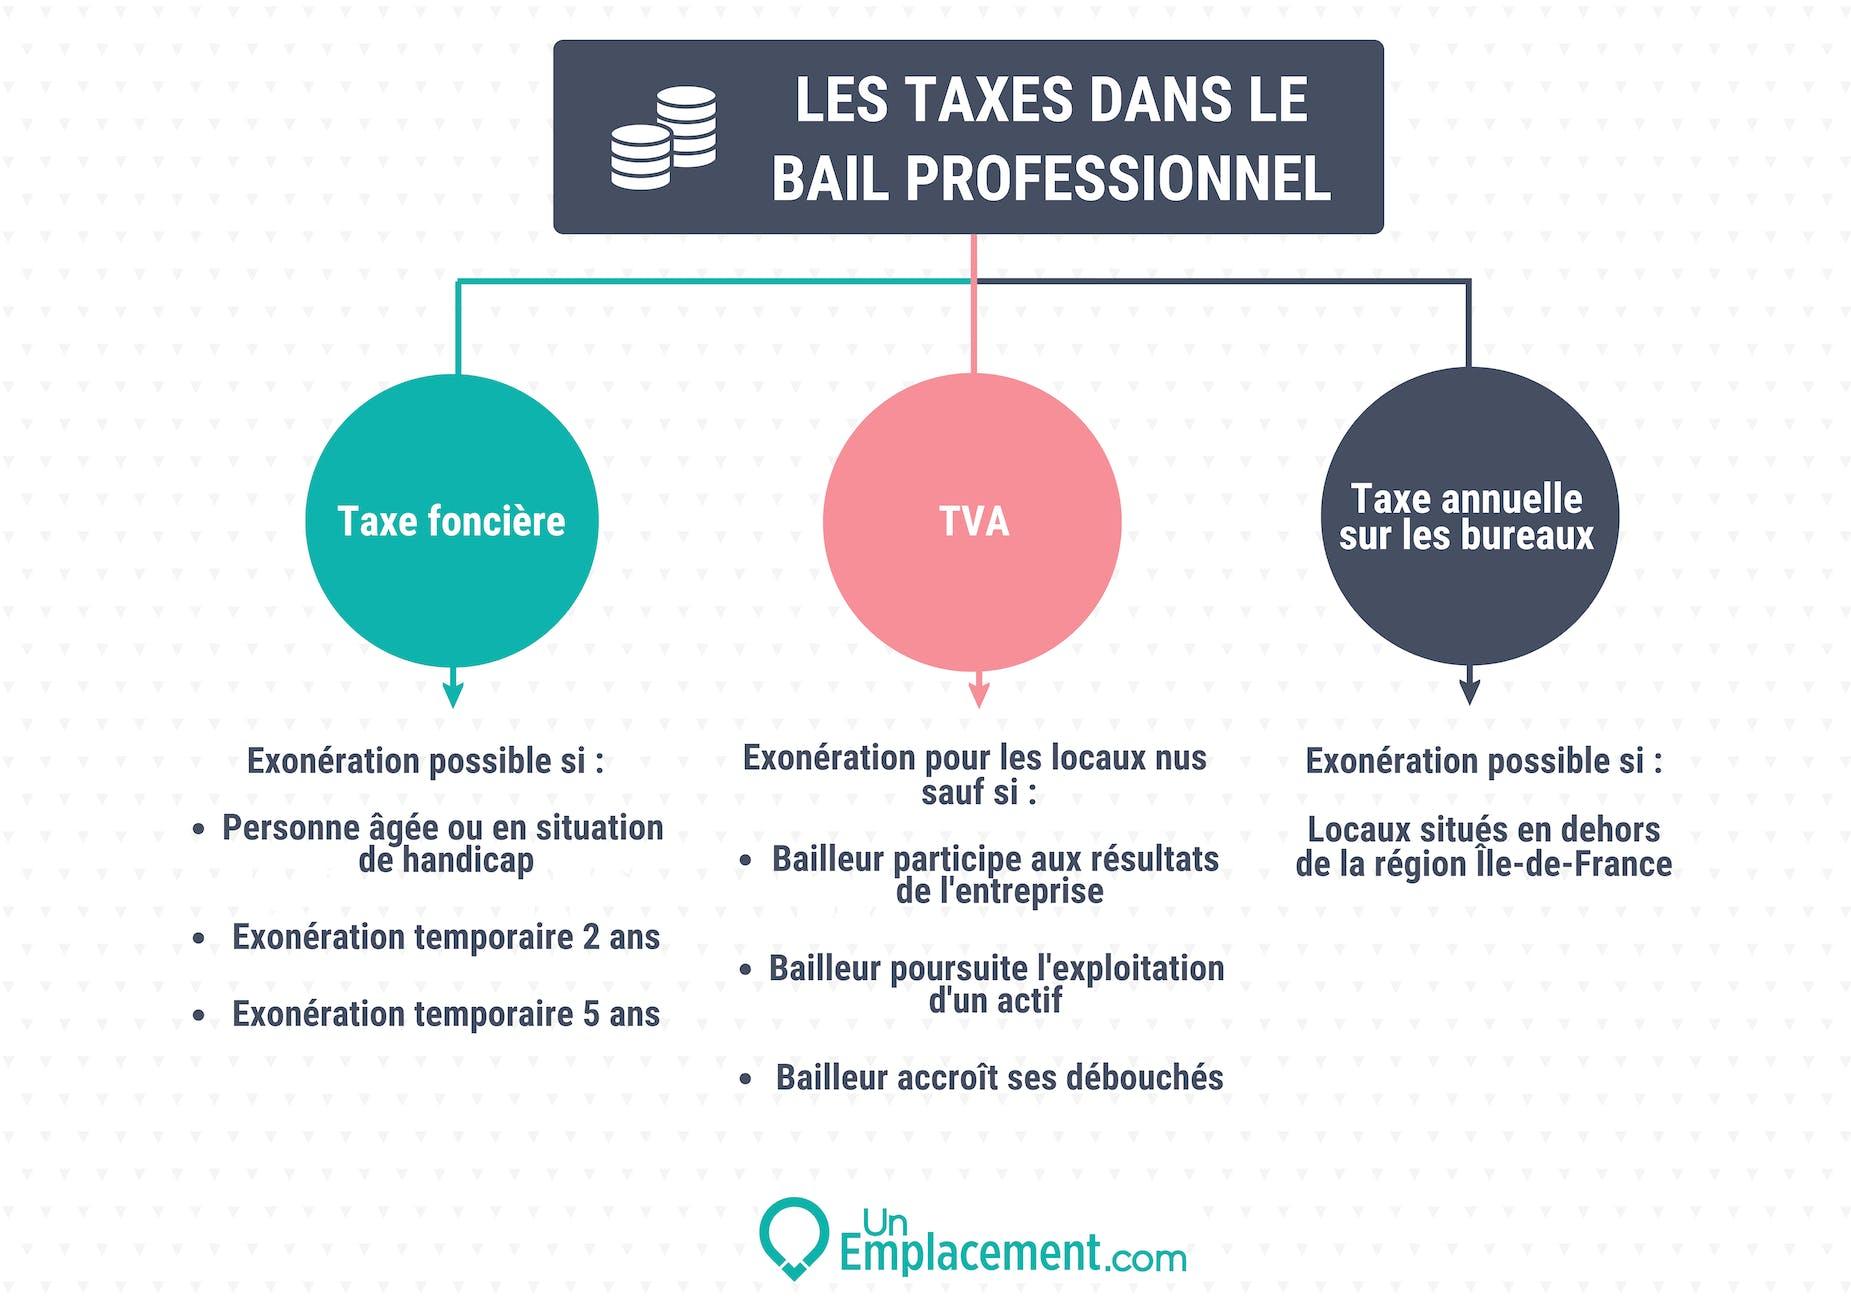 Les taxes dans le bail pro